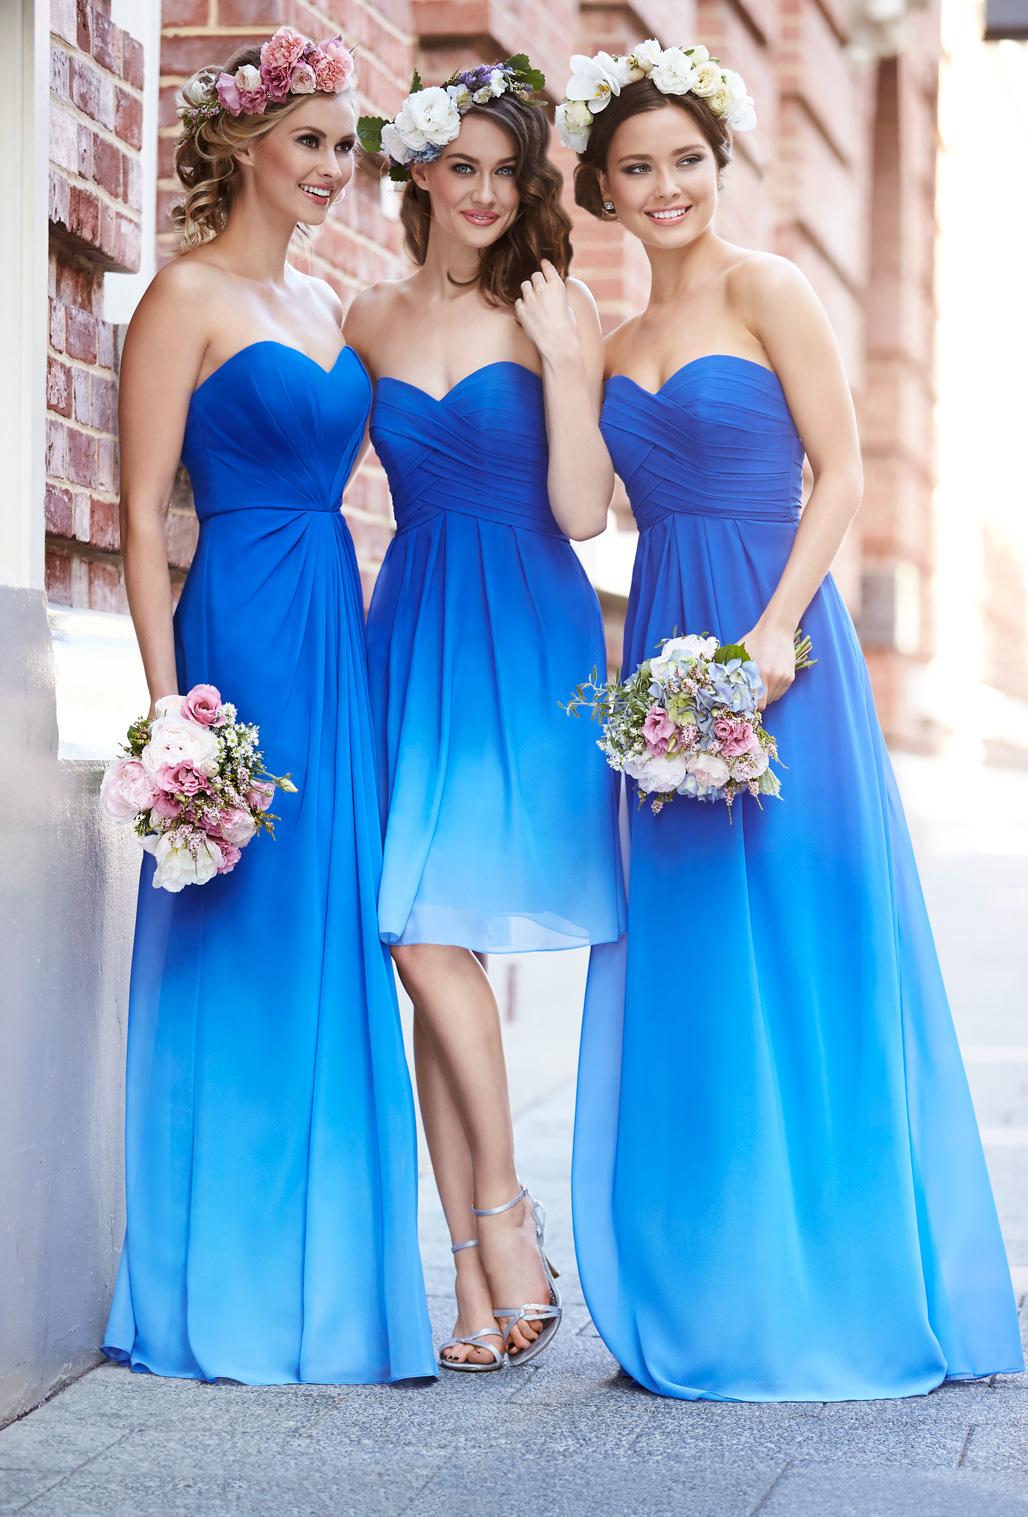 7.1 S úžasnými věnečky ve vlasech. Zdroj: bluebridesmaiddresses.com.au